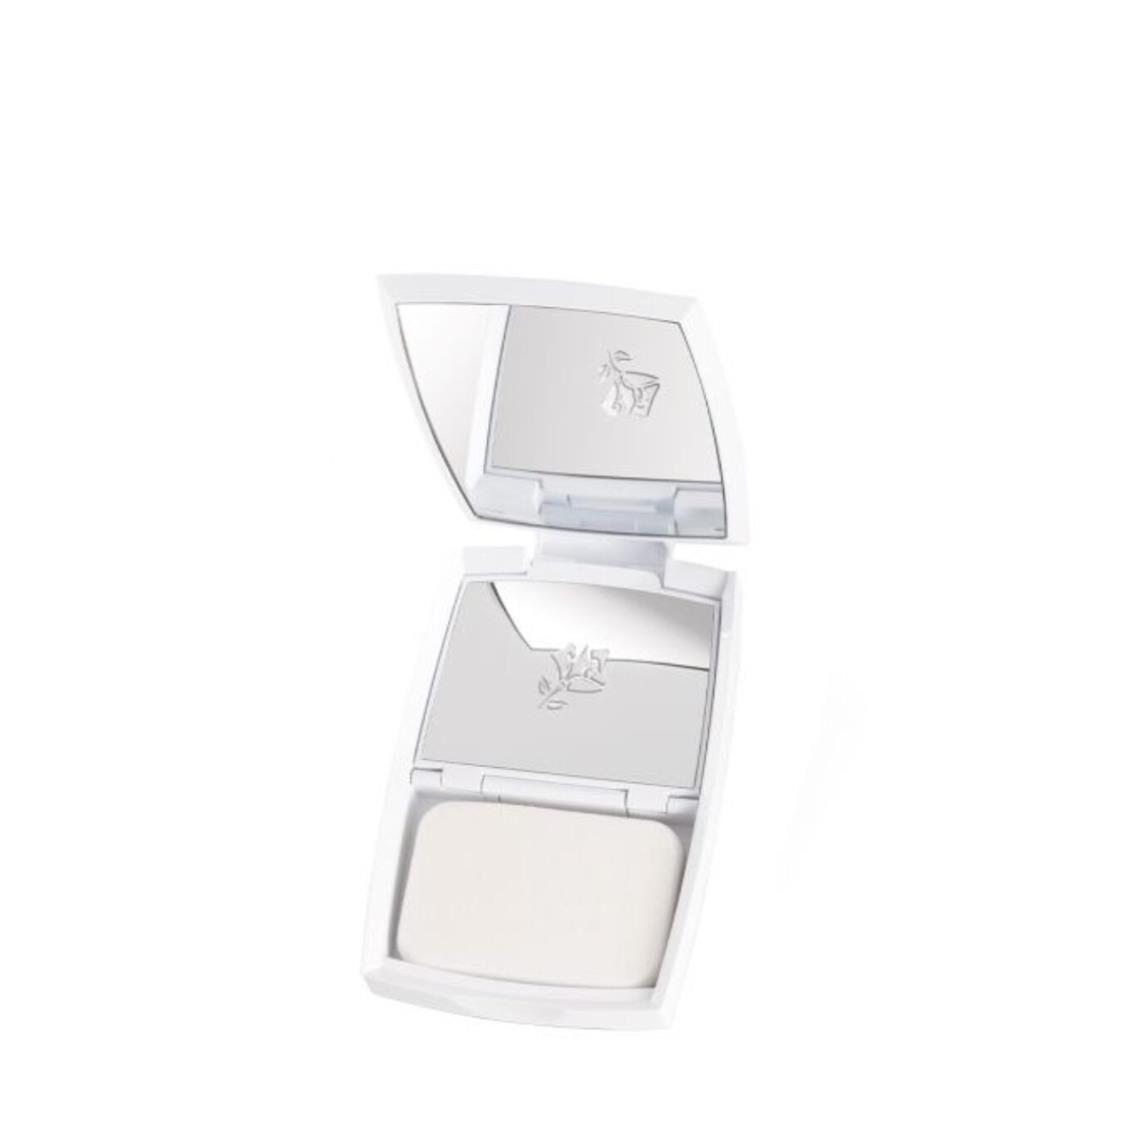 Lancome Teint Clarifique Compact Case